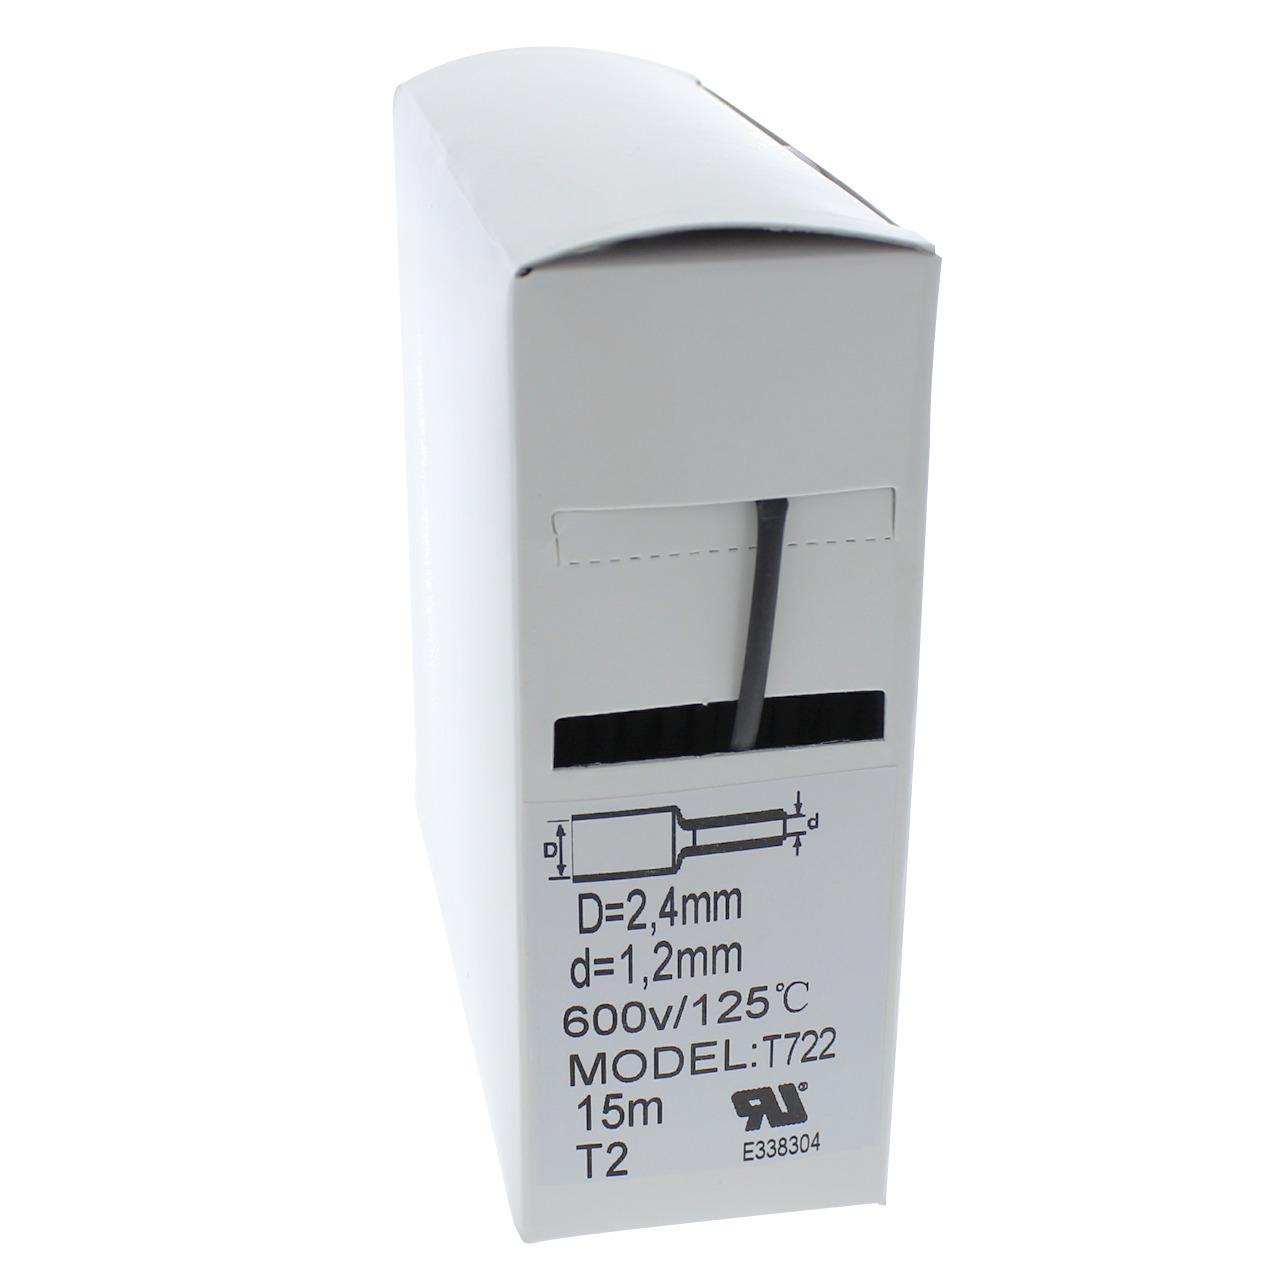 Schrumpfschlauch-Box- schwarz- 15 m- Durchmesser 2-4 mm